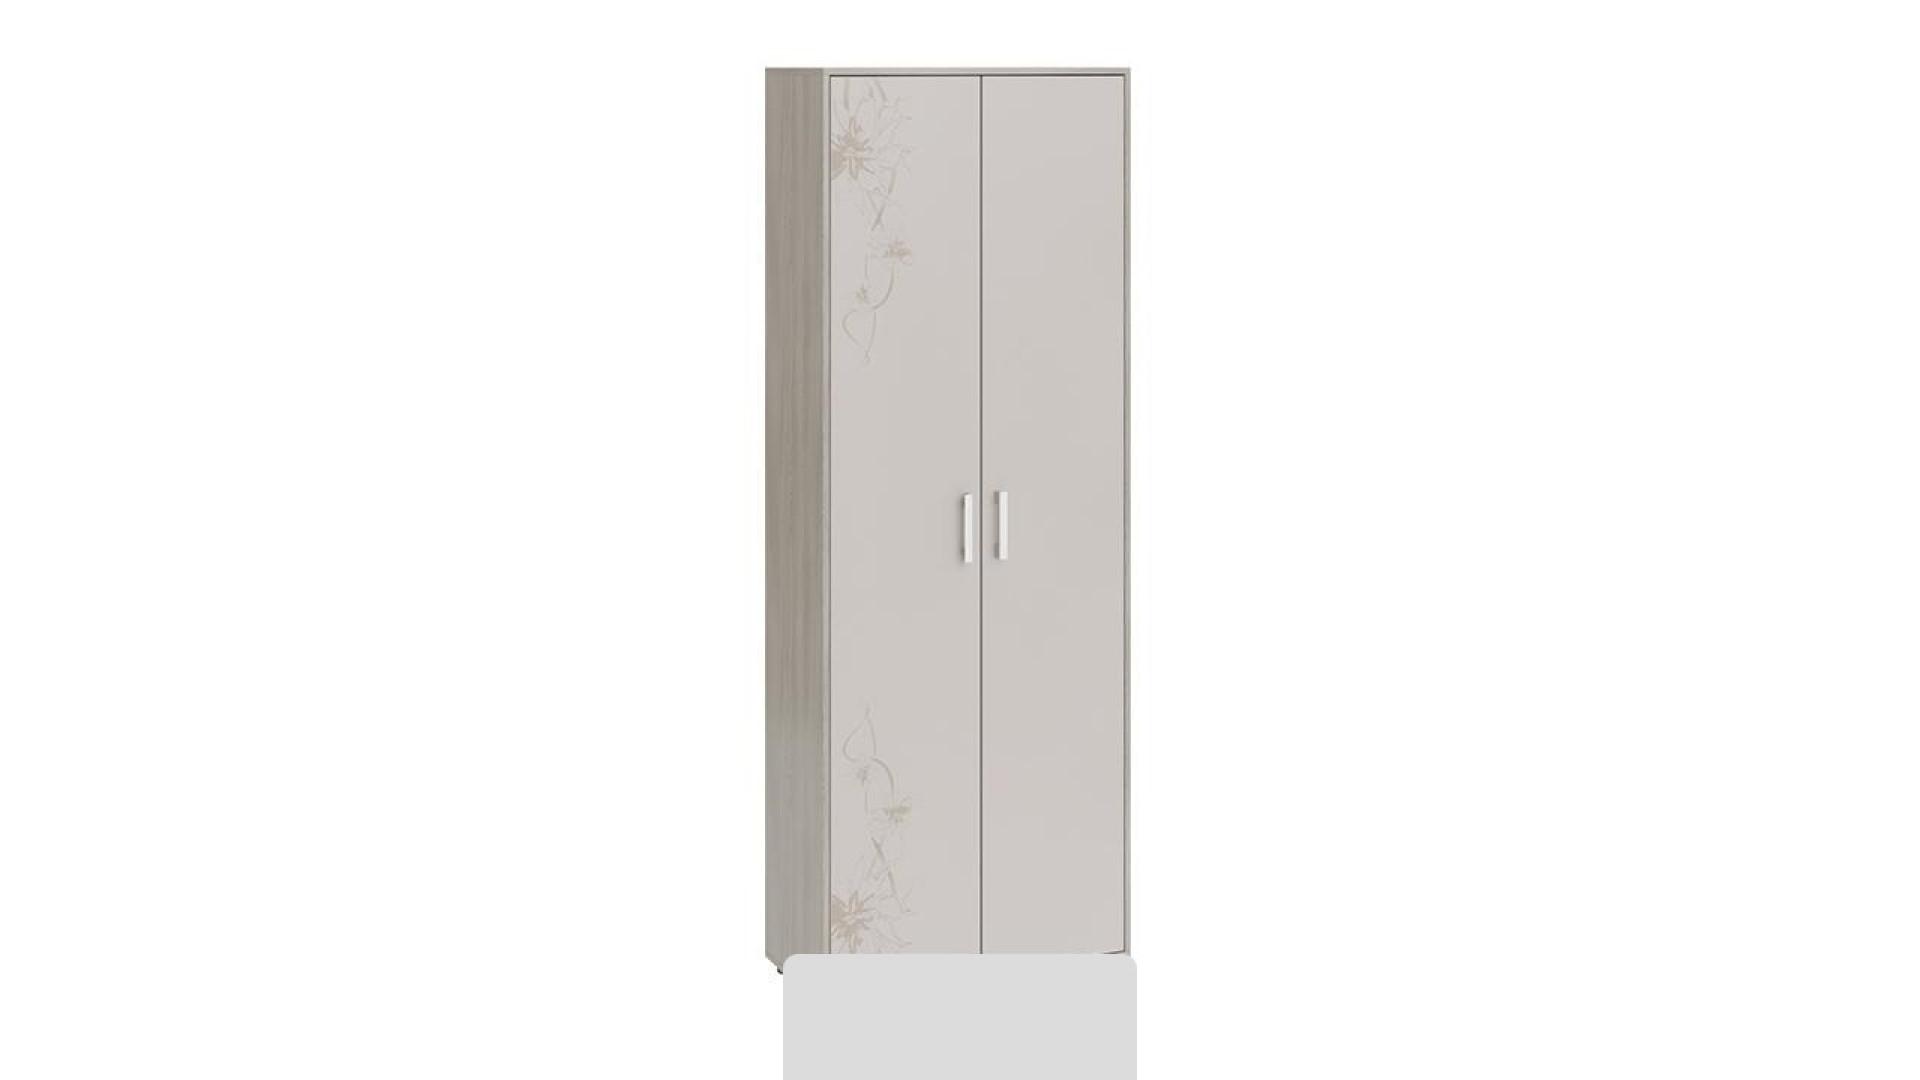 Шкаф комбинированный Витра тип 1 (Ясень шимо/Бежевый фон глянец с рисунком)